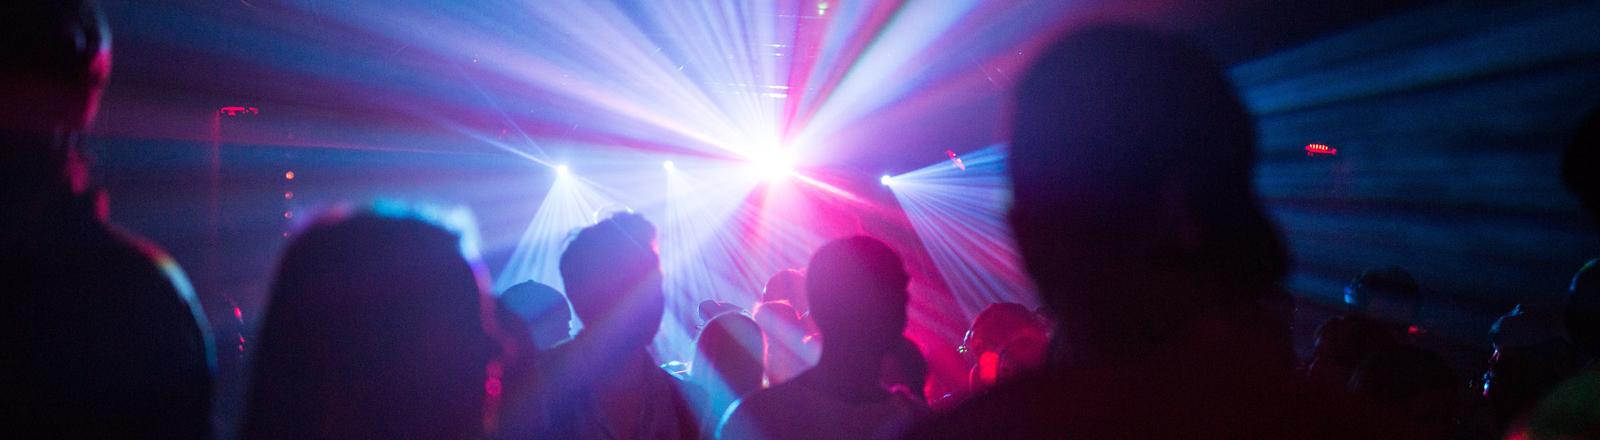 Feiernde Menschen in einem Club